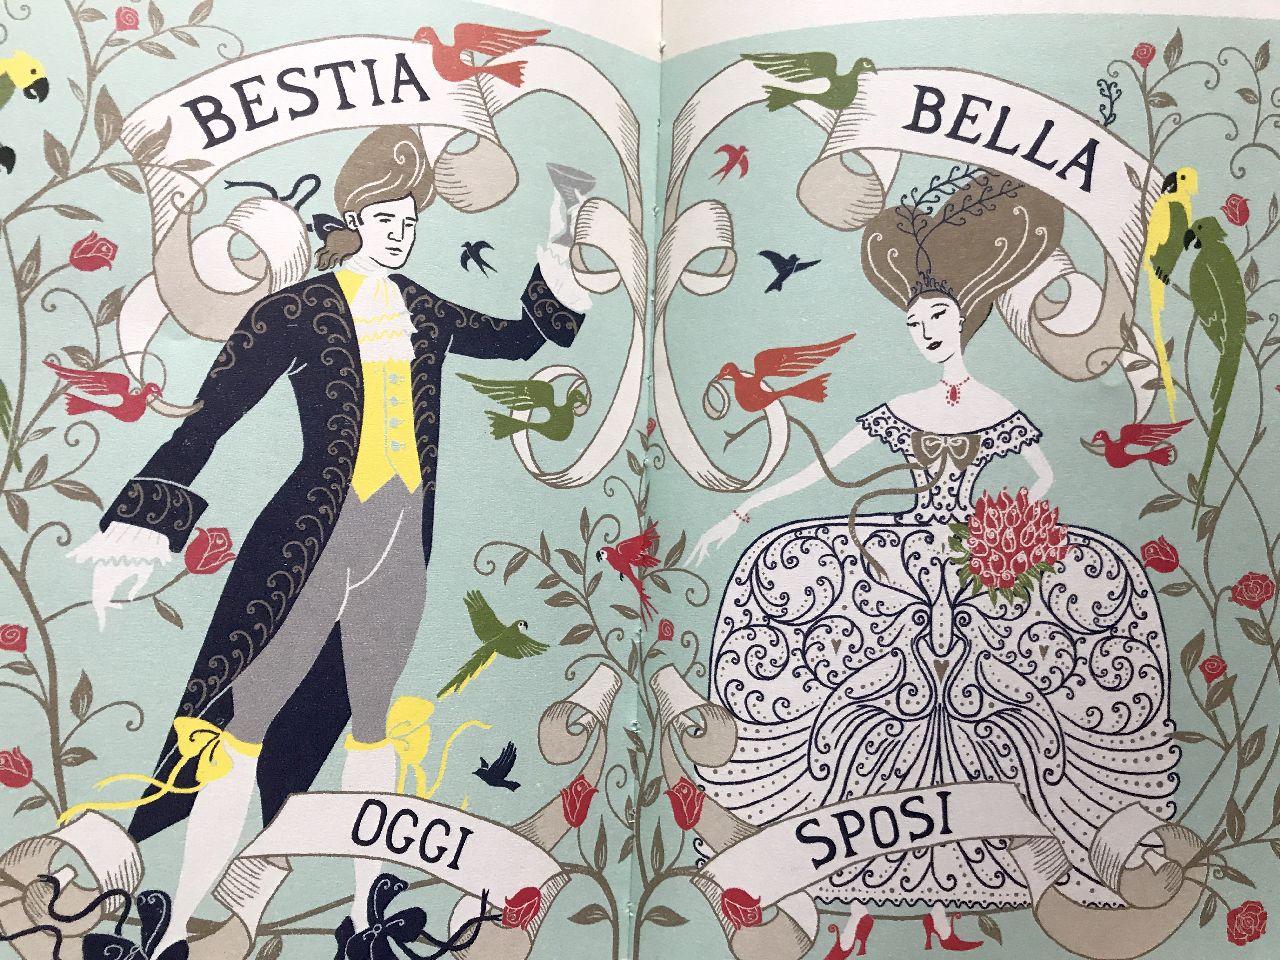 Minalima, La Bella e la Bestia, L'ippocampo - Scaffale Basso